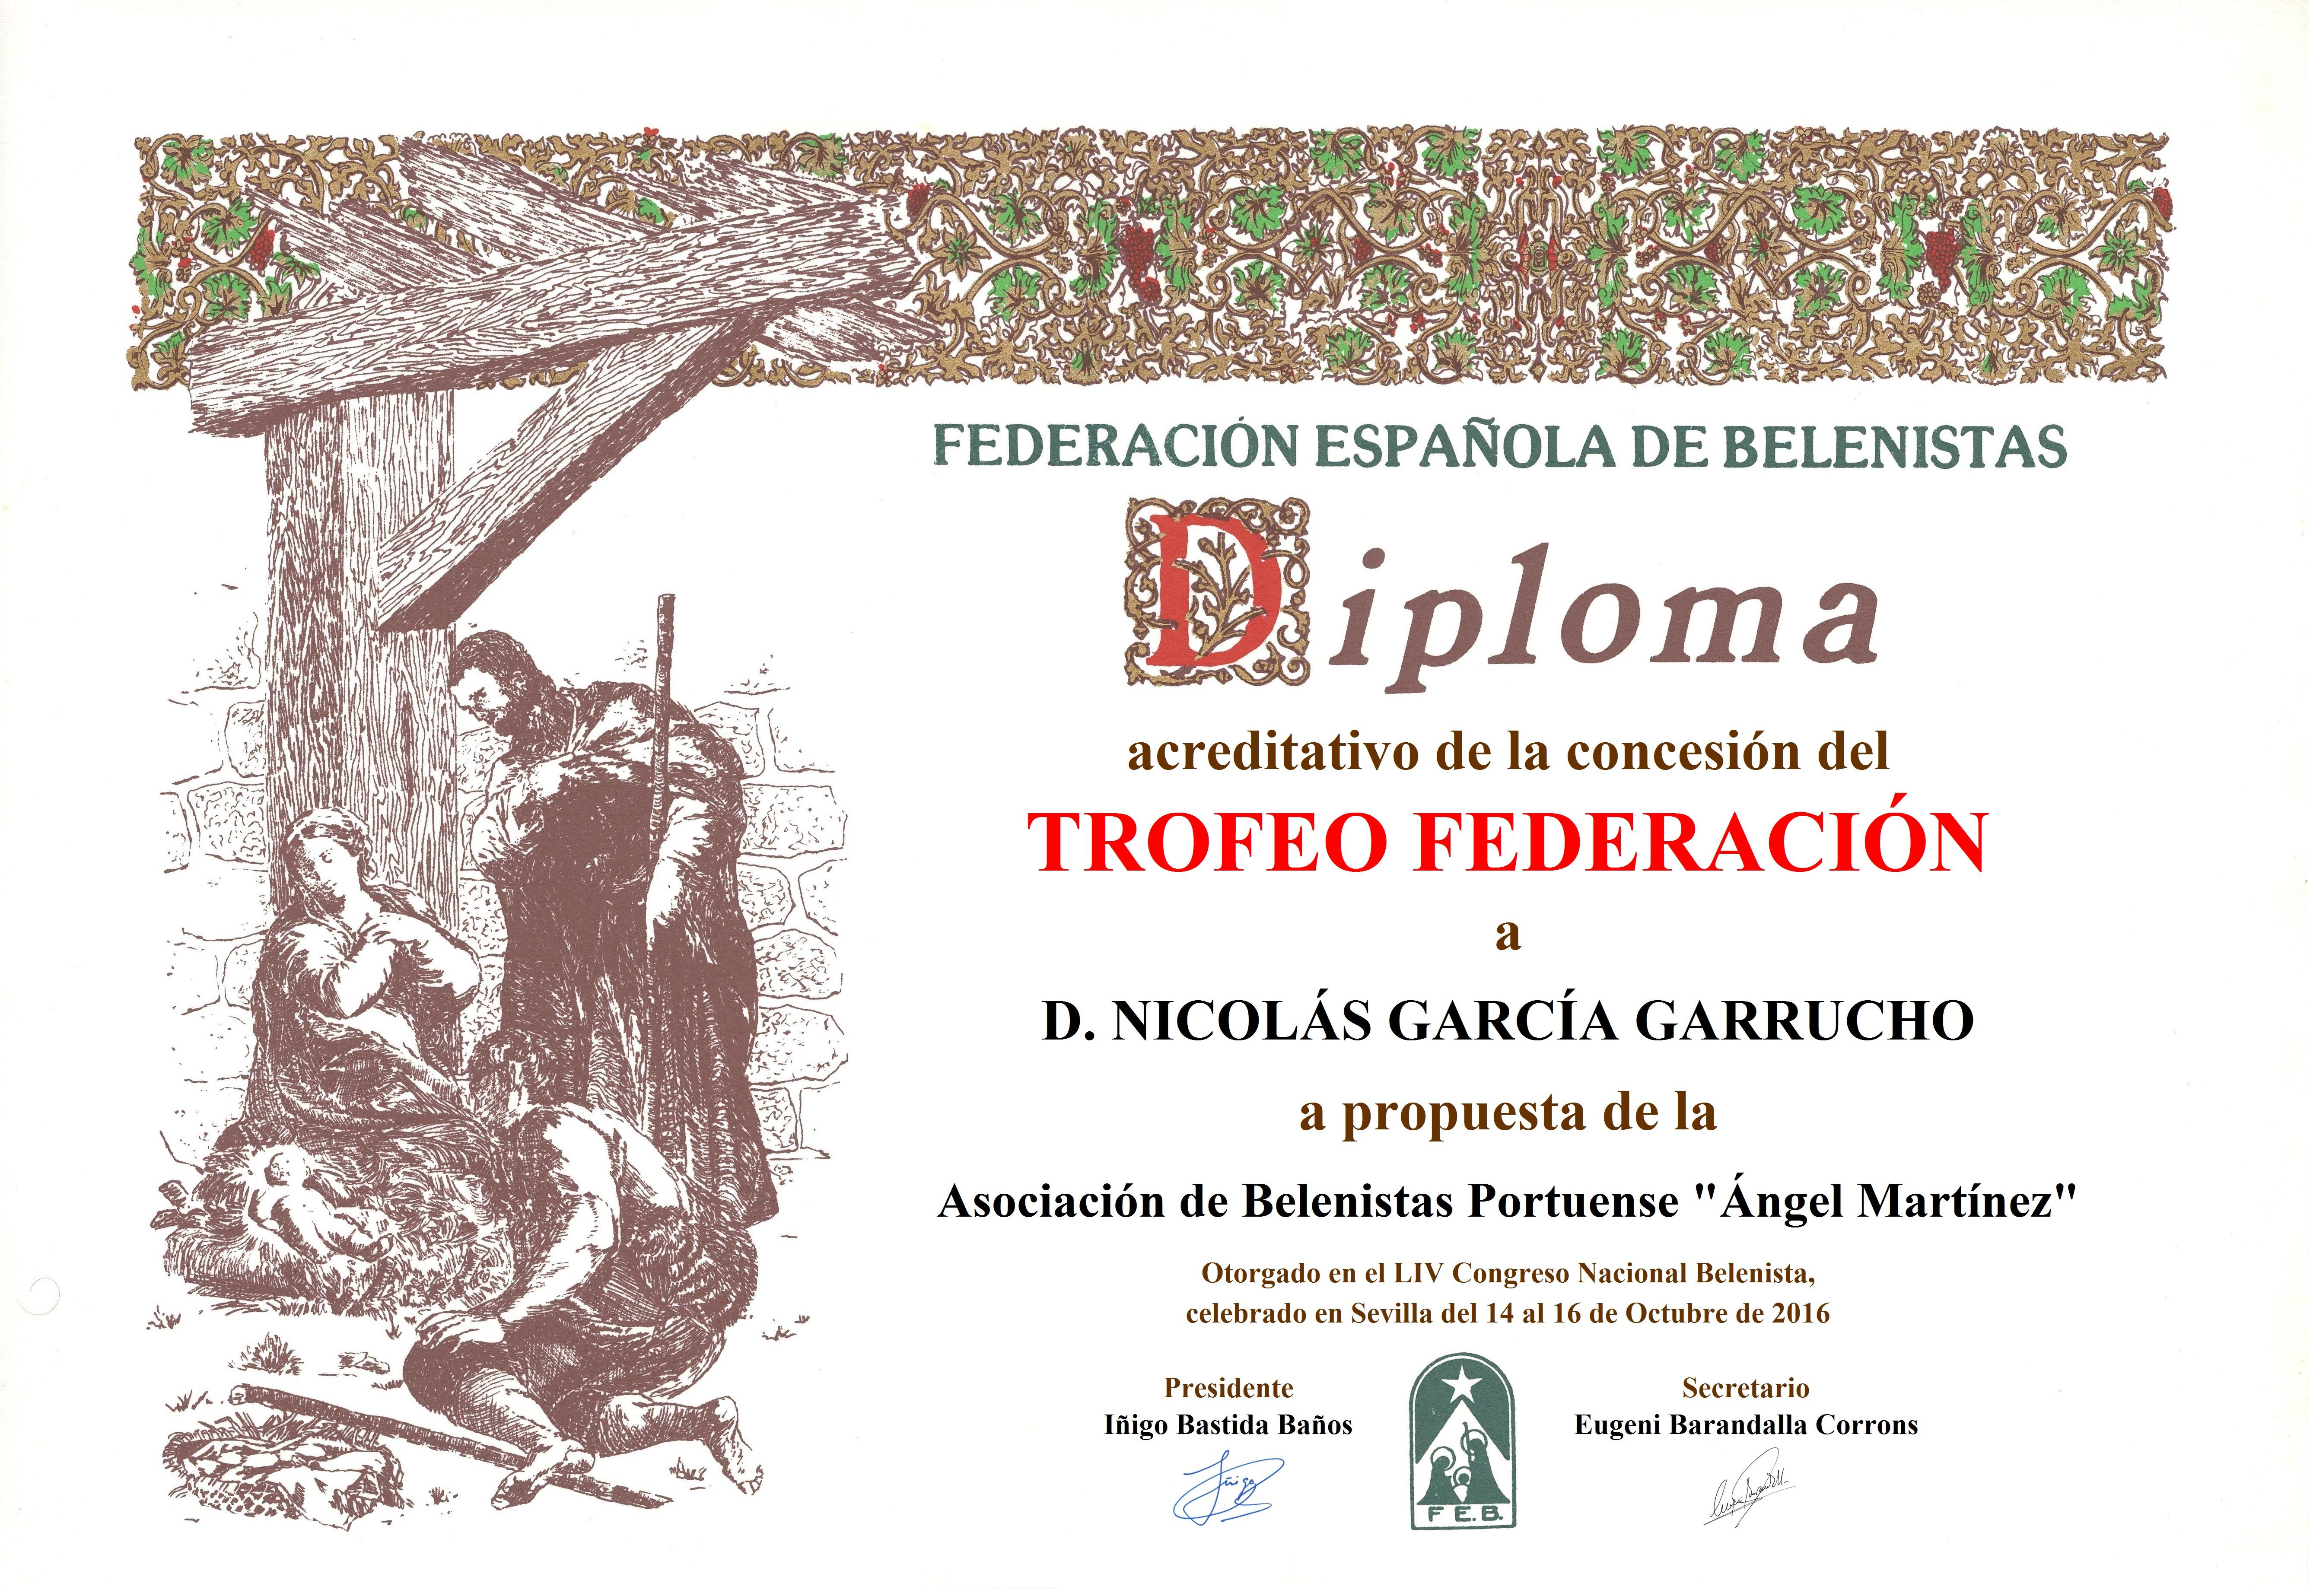 Nicolás García Garrucho - Diploma Trofeo FEB 2016